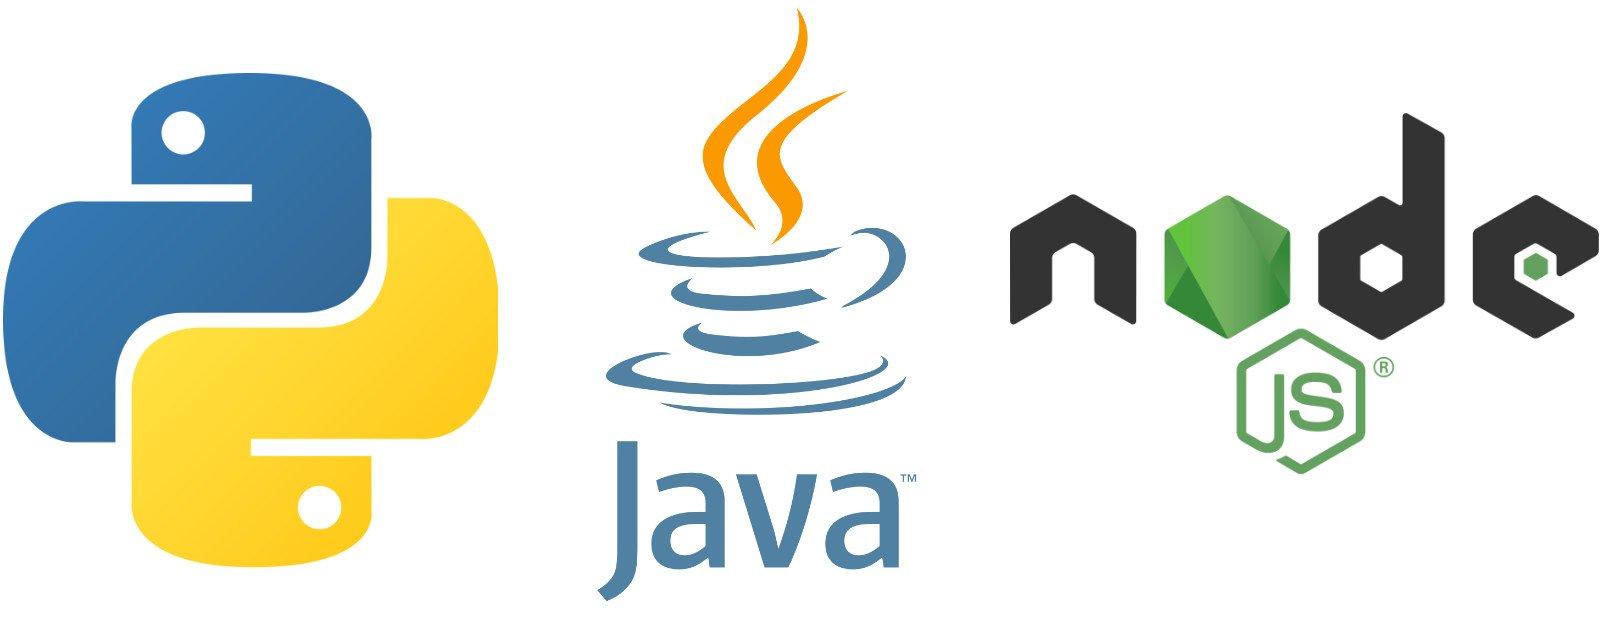 python_java_node